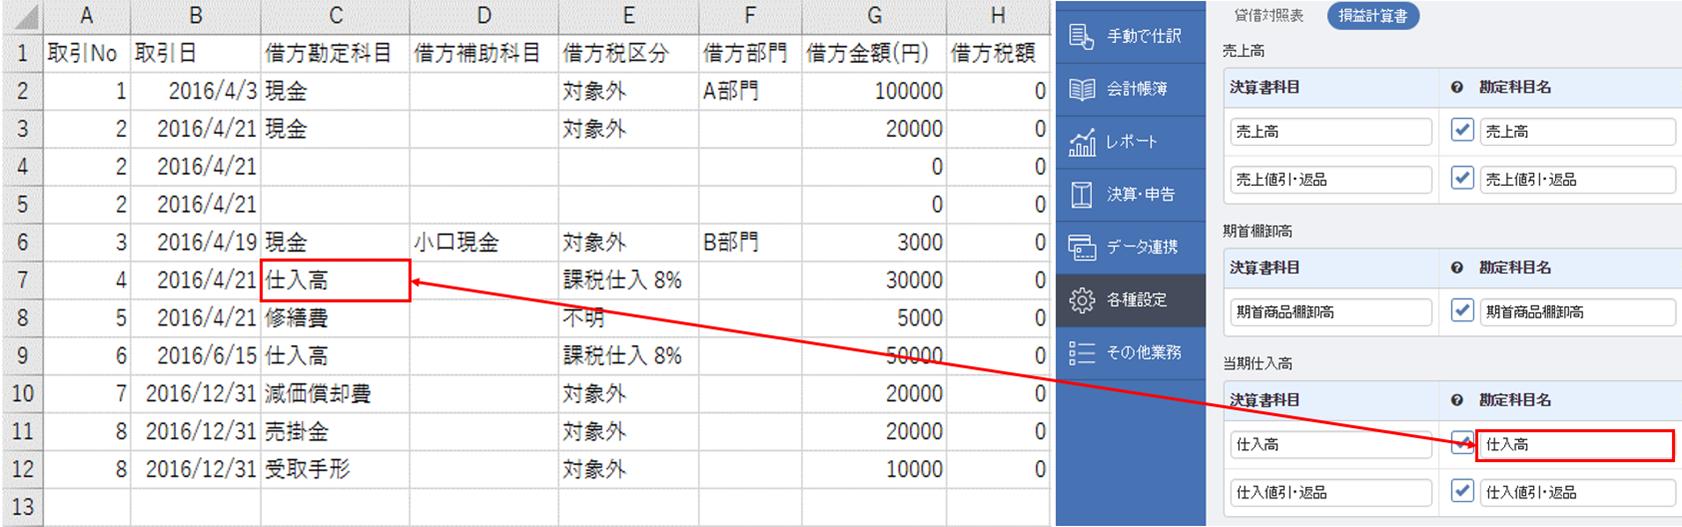 %e4%bb%95%e8%a8%b3%e5%b8%b3_%e6%9c%ac%e4%bd%93_01_02